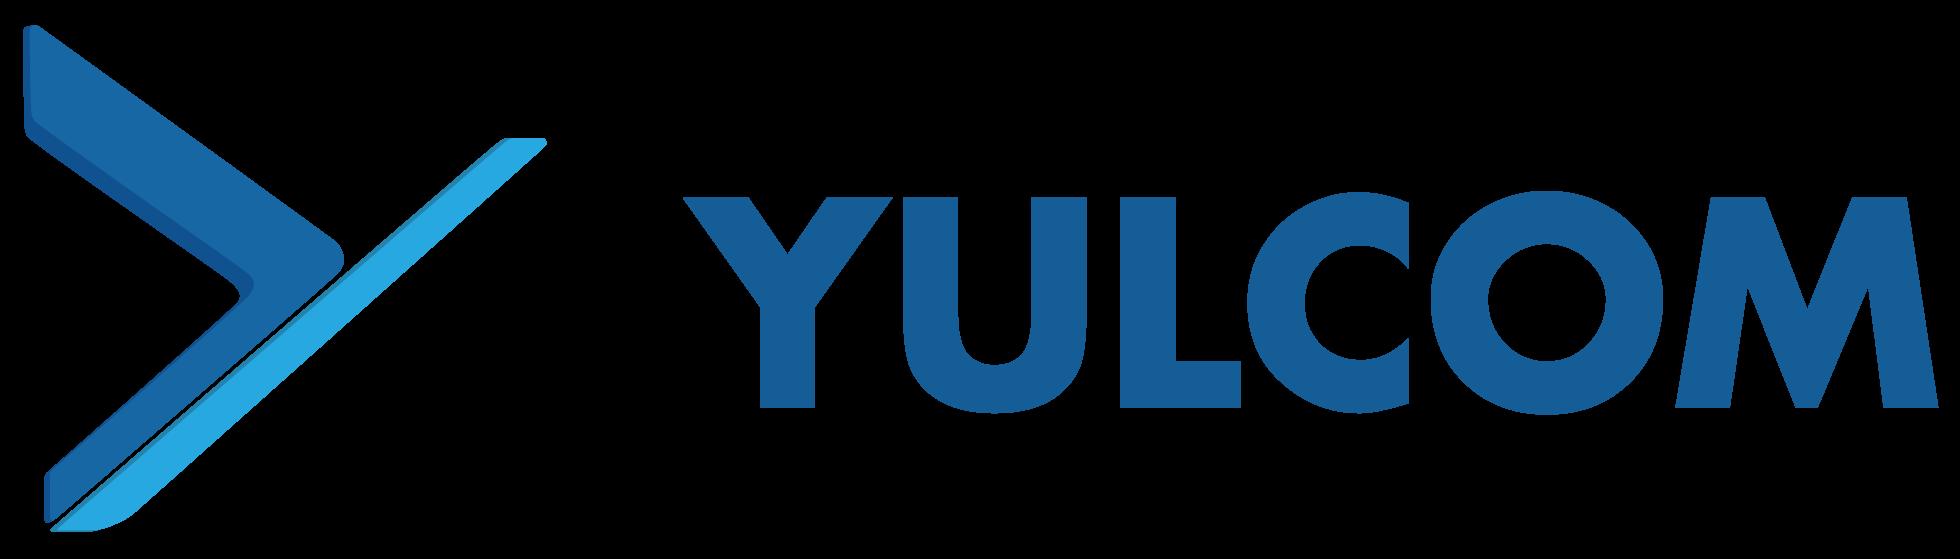 YULCOM